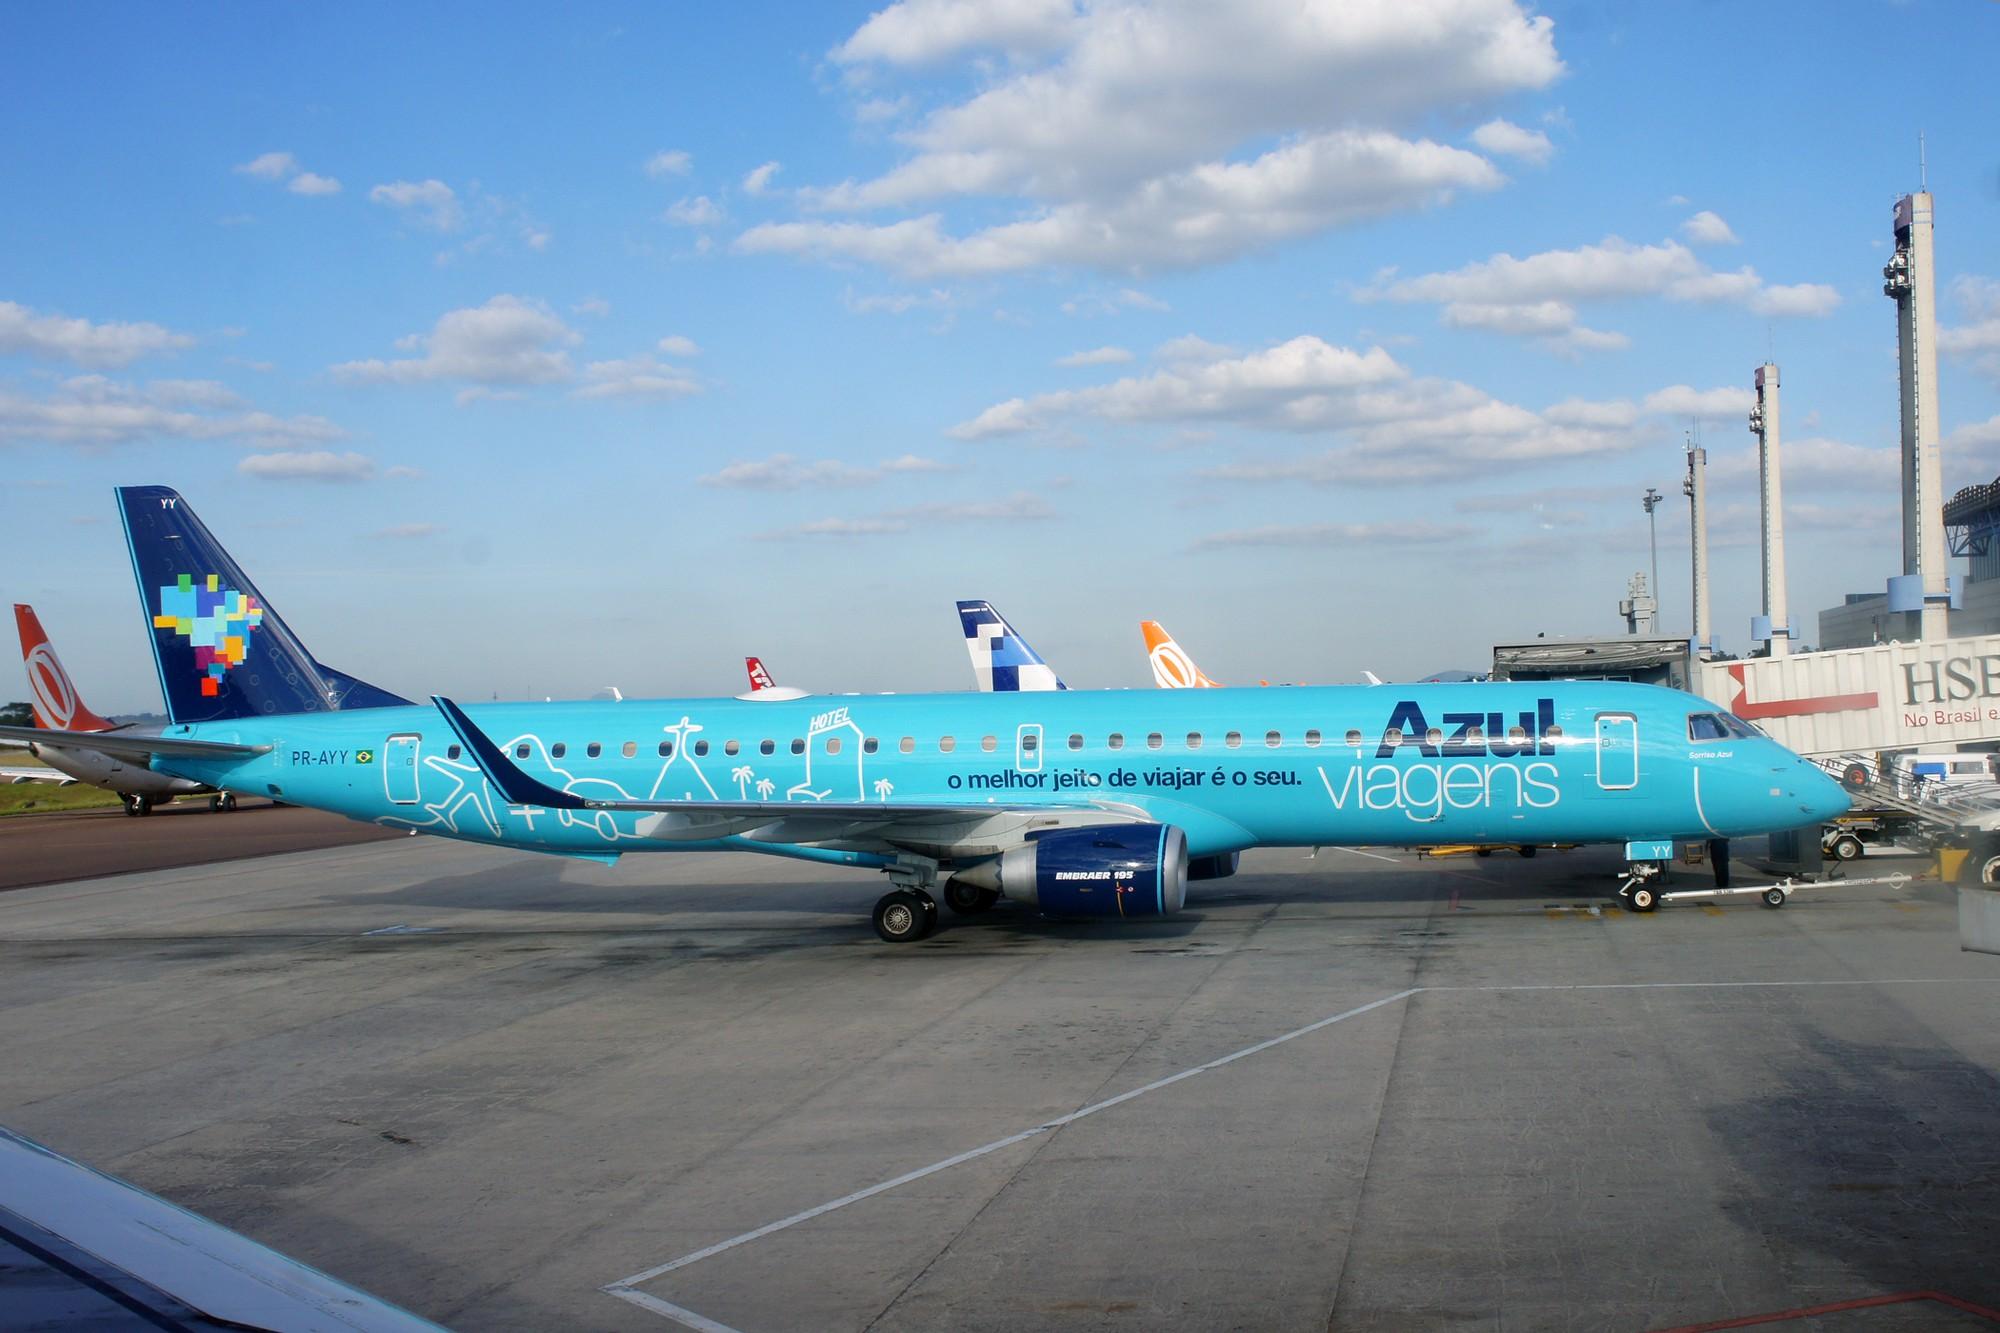 Tripadvisor công bố top 10 hãng hàng không tốt nhất thế giới: Hàng không châu Á chiếm quá nửa danh sách - Ảnh 9.